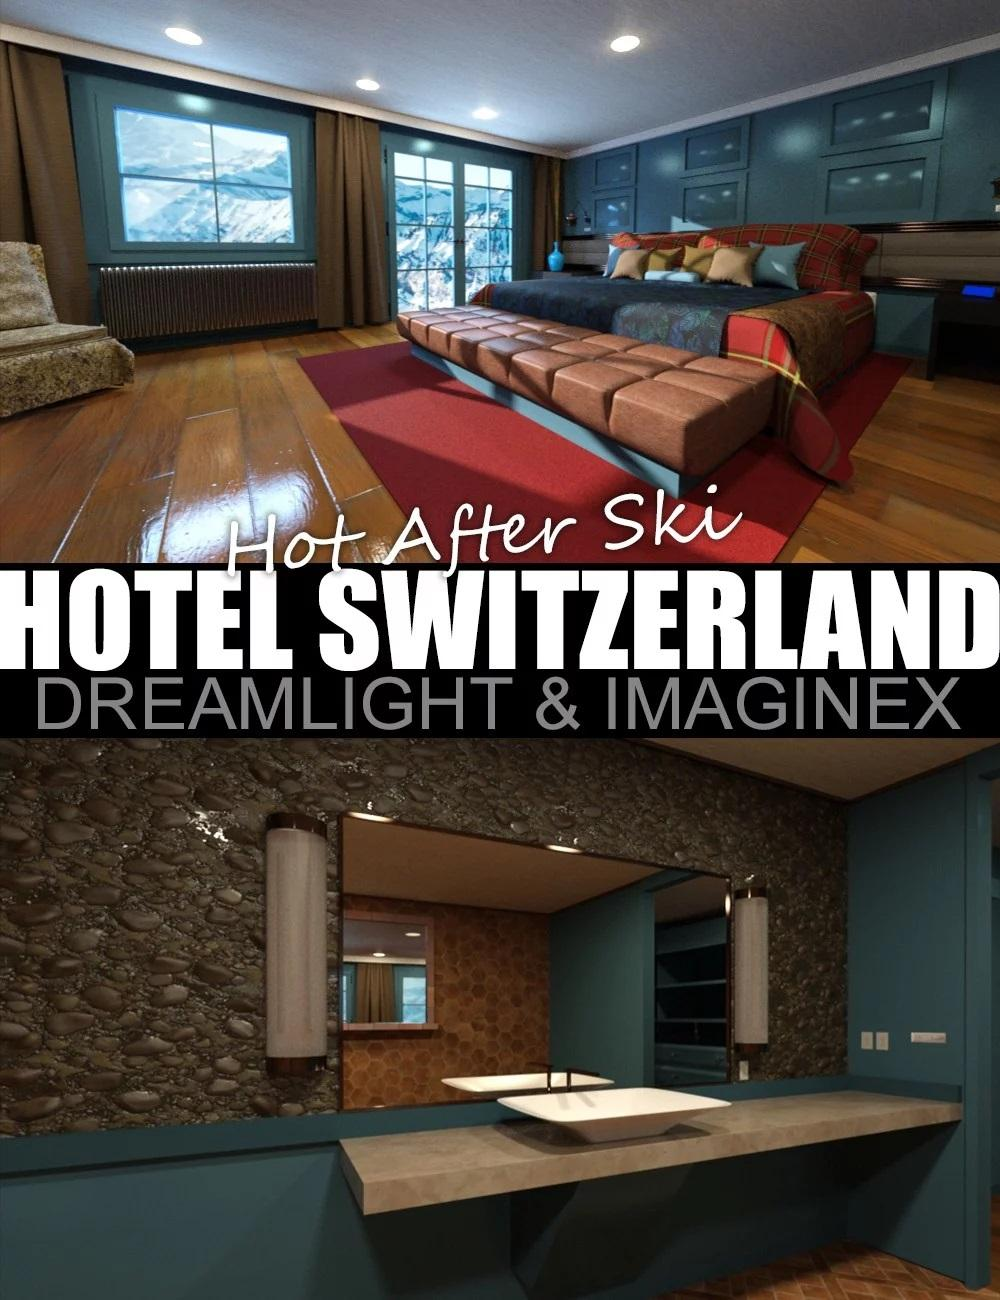 Hotel Switzerland - Hot After Ski